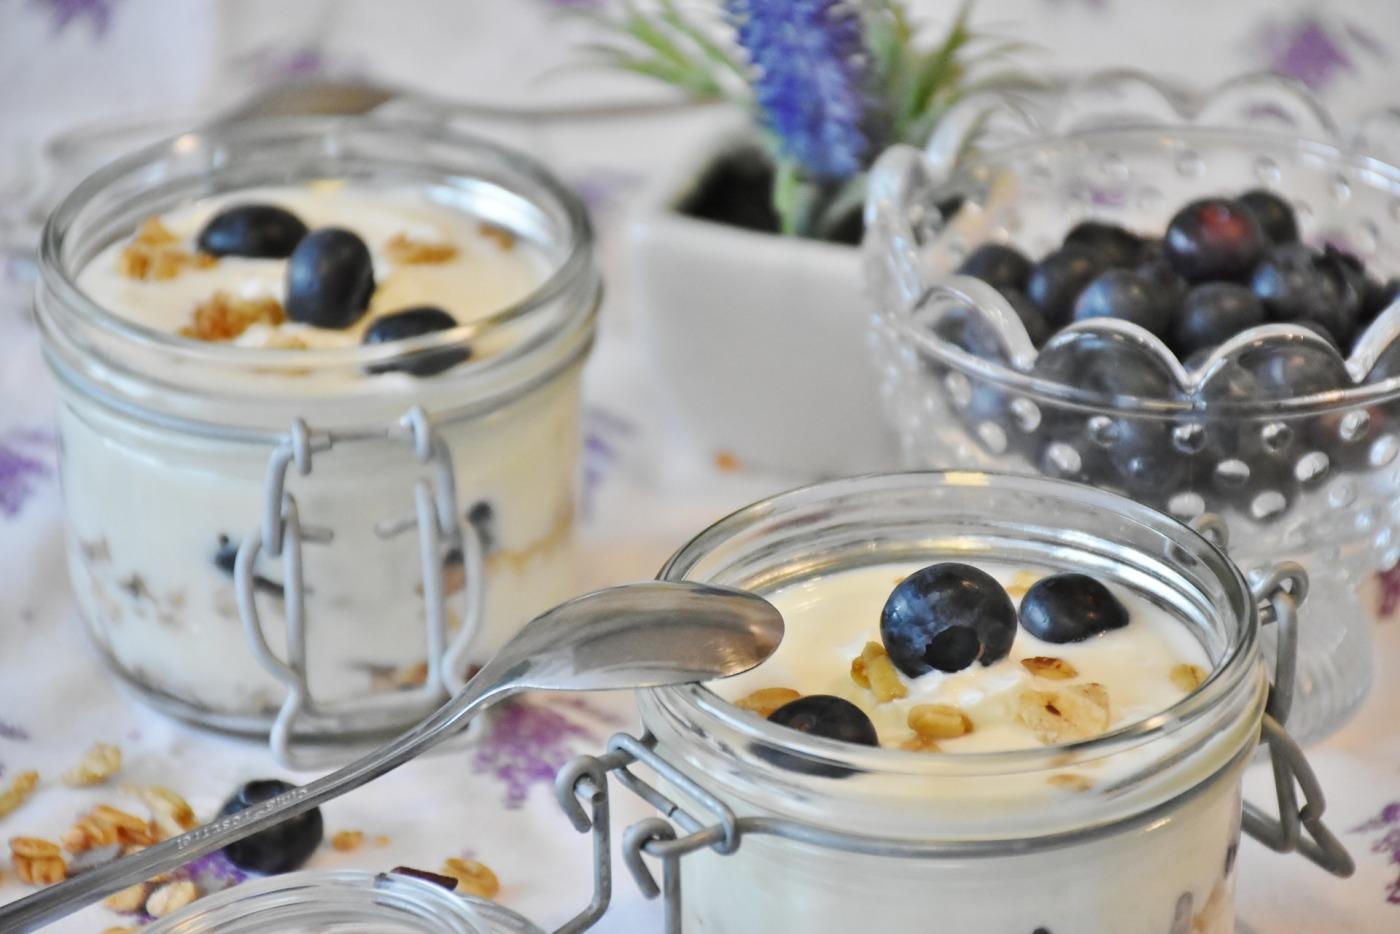 yoghurt.jpg